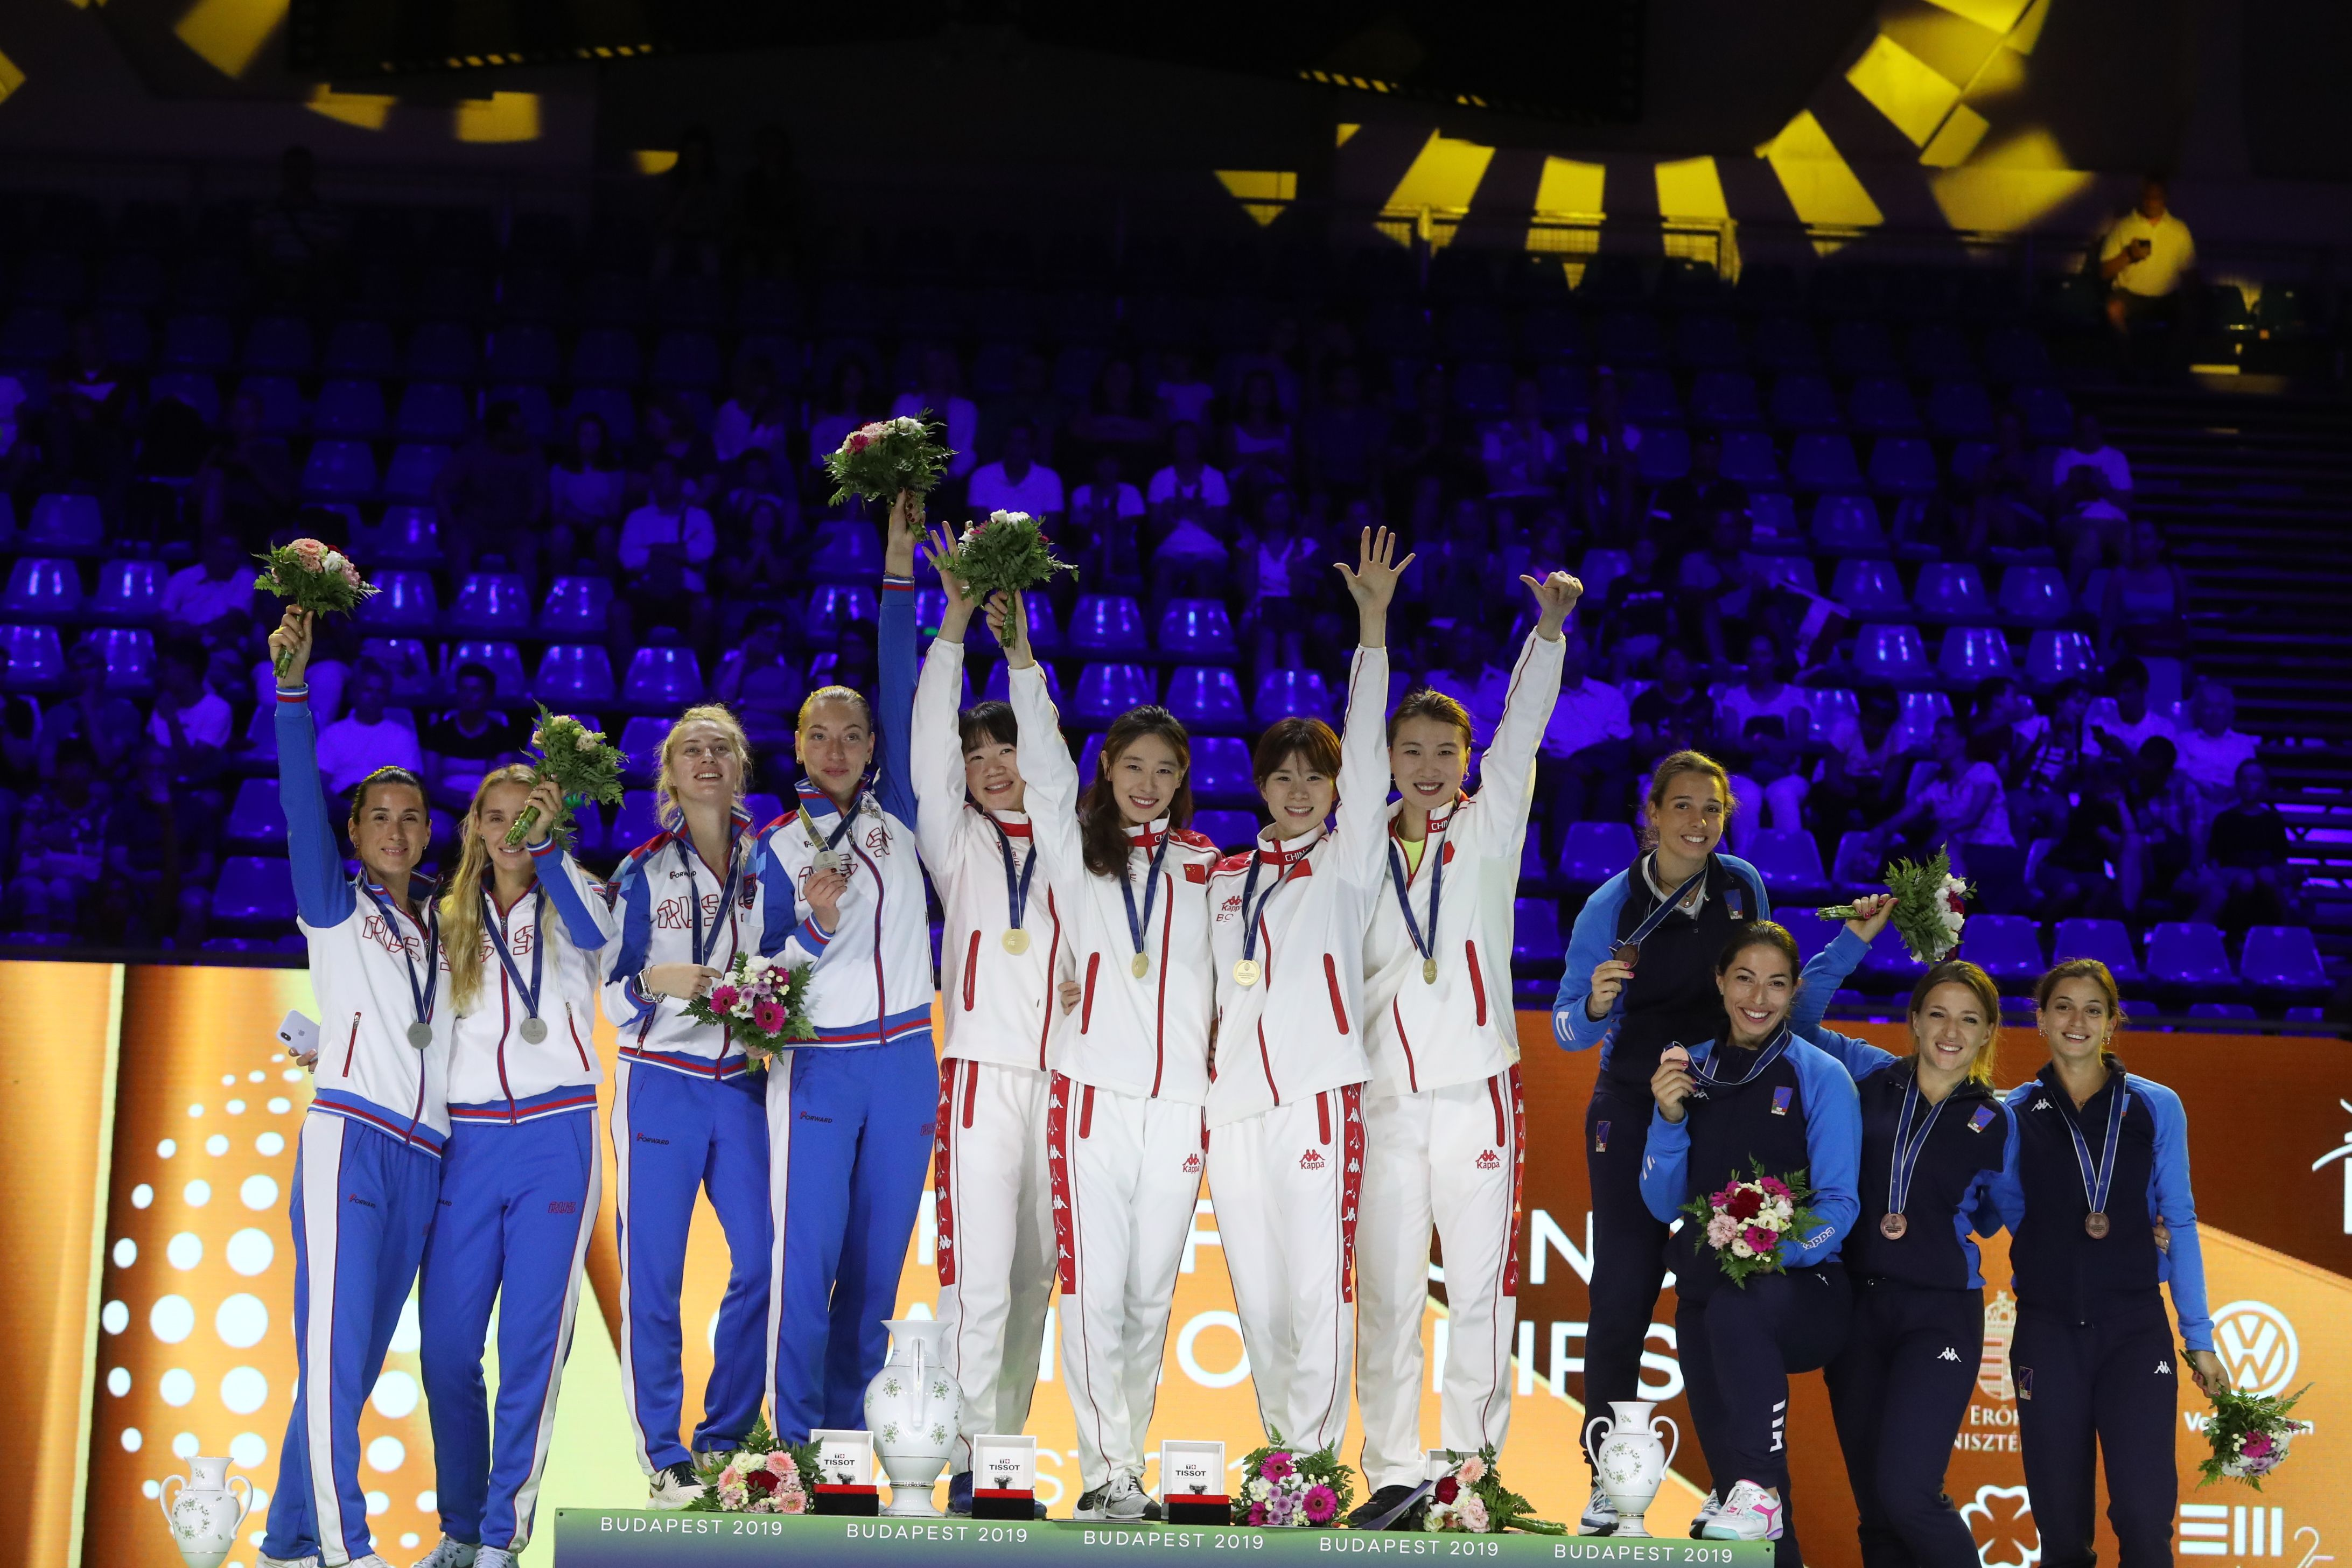 击剑——世锦赛:中国队夺得女子重剑团体冠军